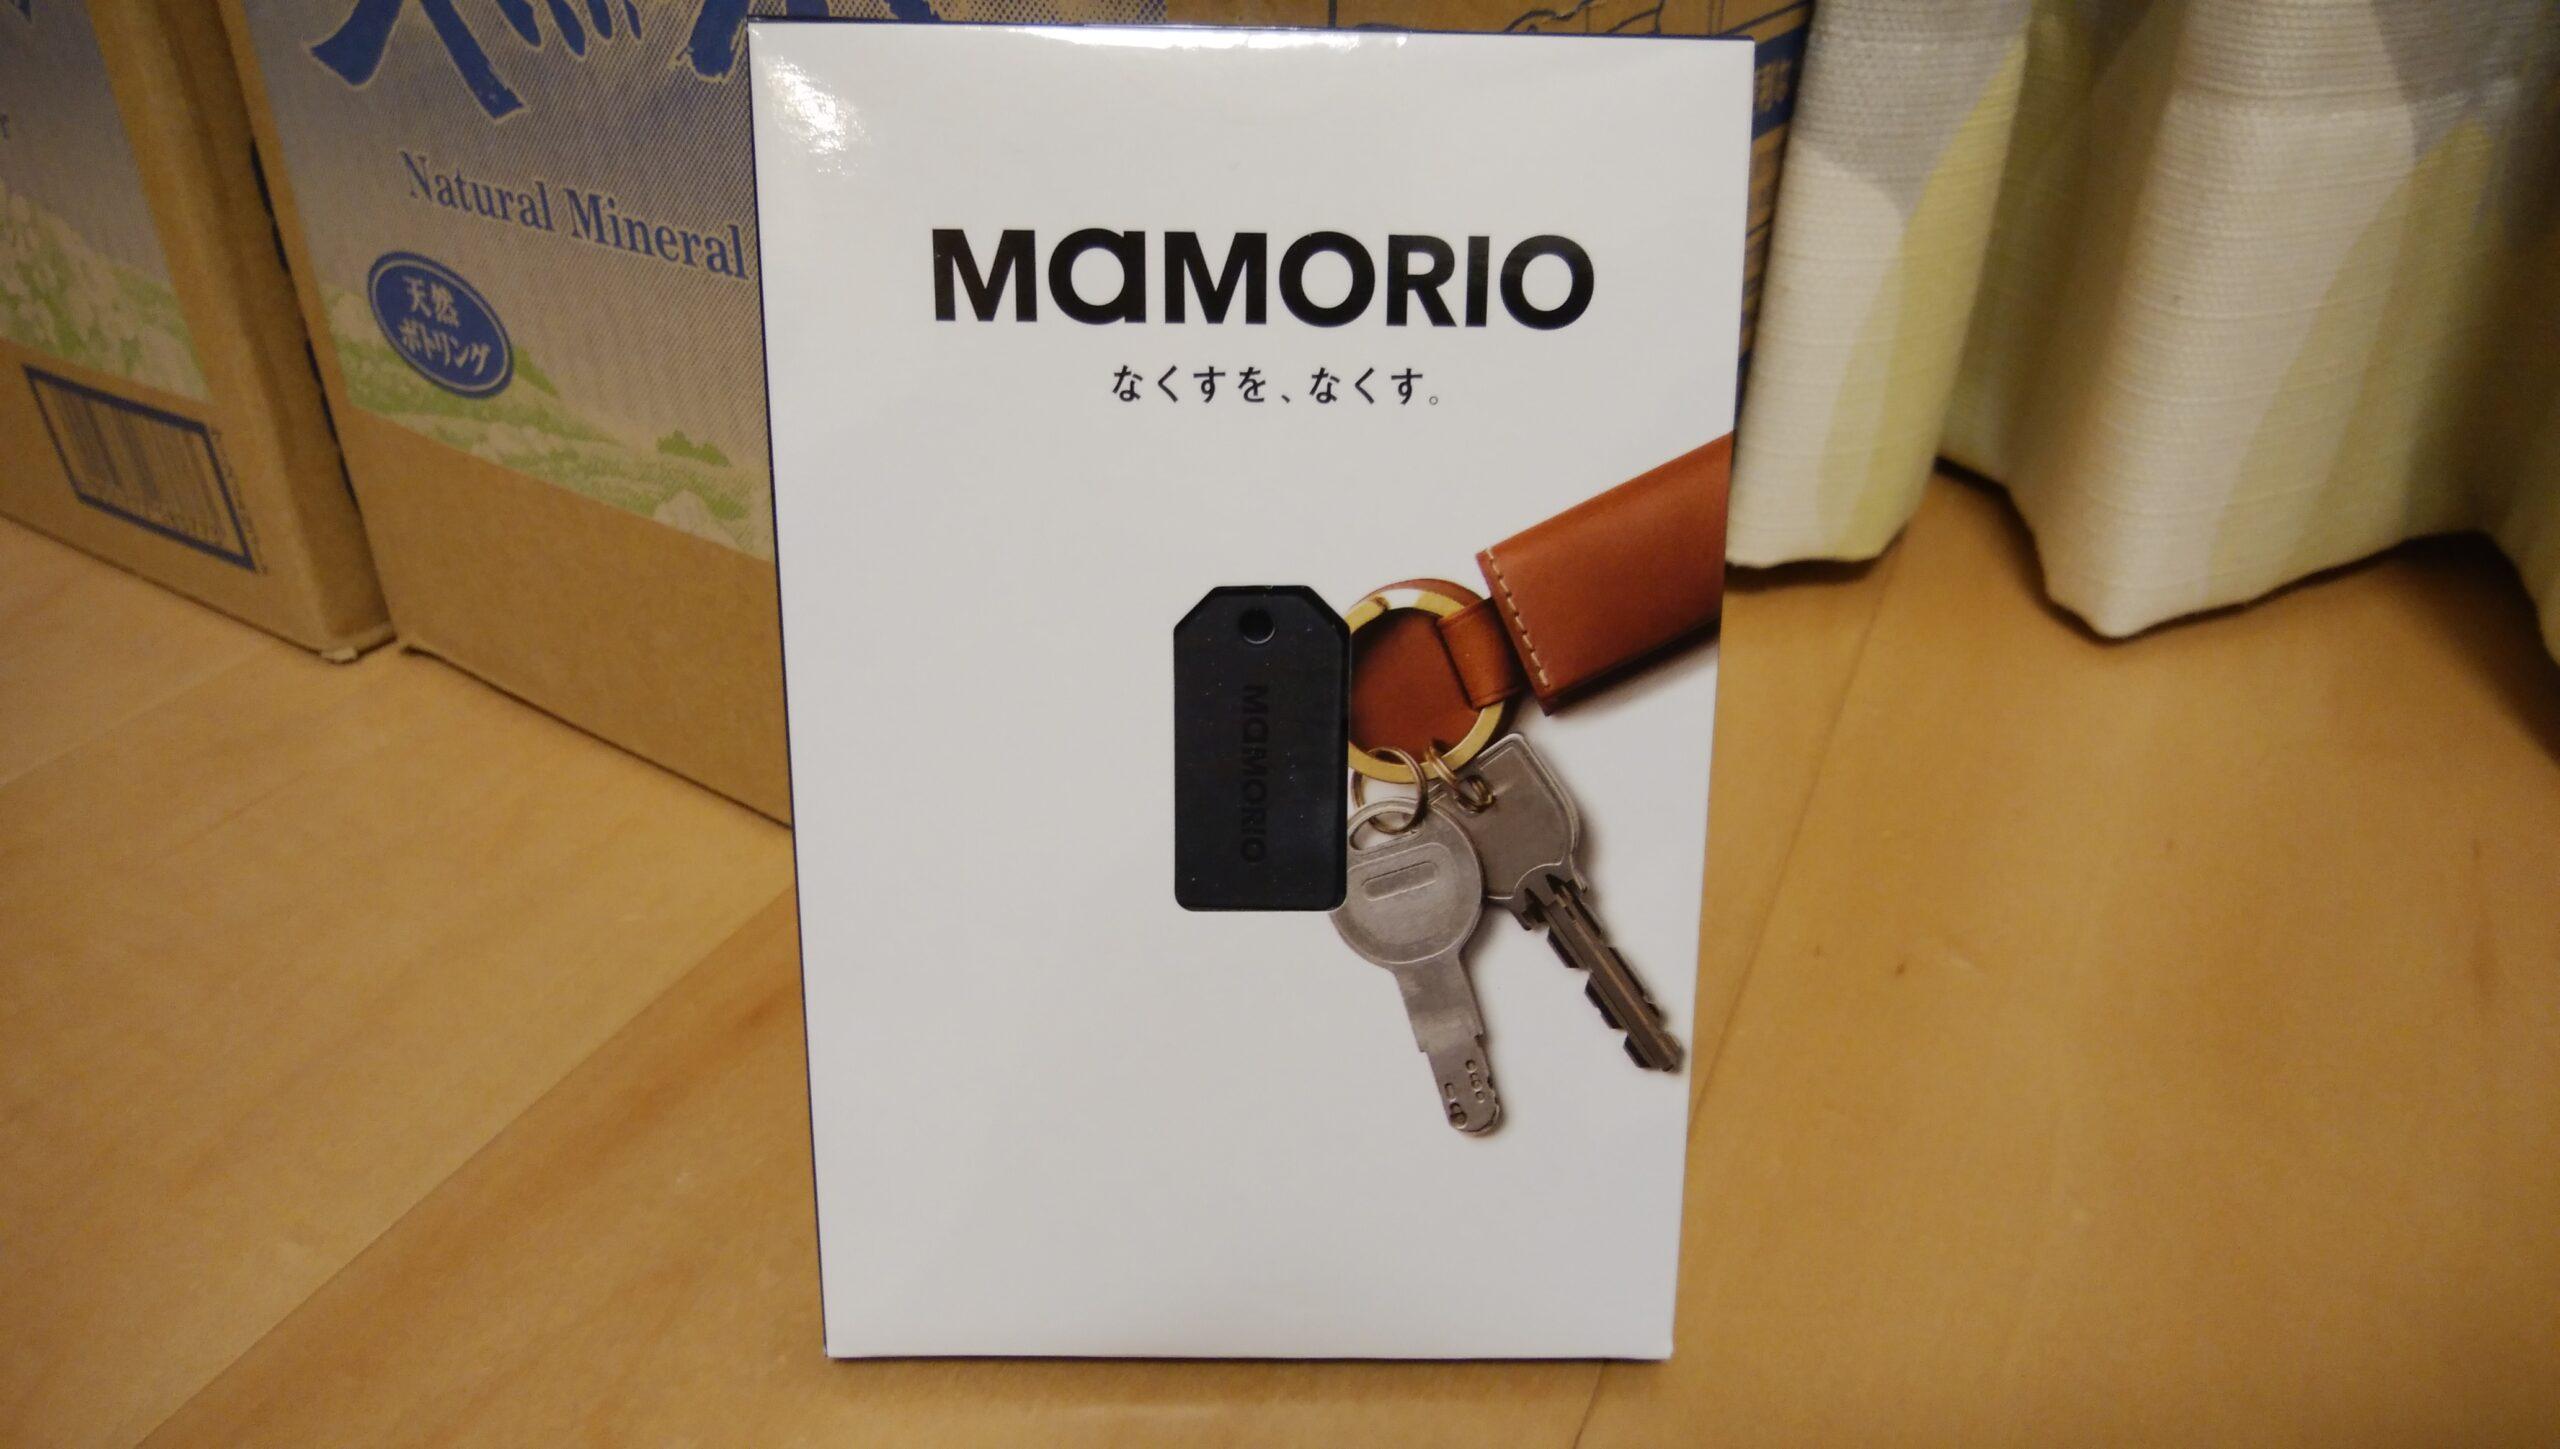 落とし物を防ぐ方法「紛失防止デバイス【MAMORIO】を使ってみよう」